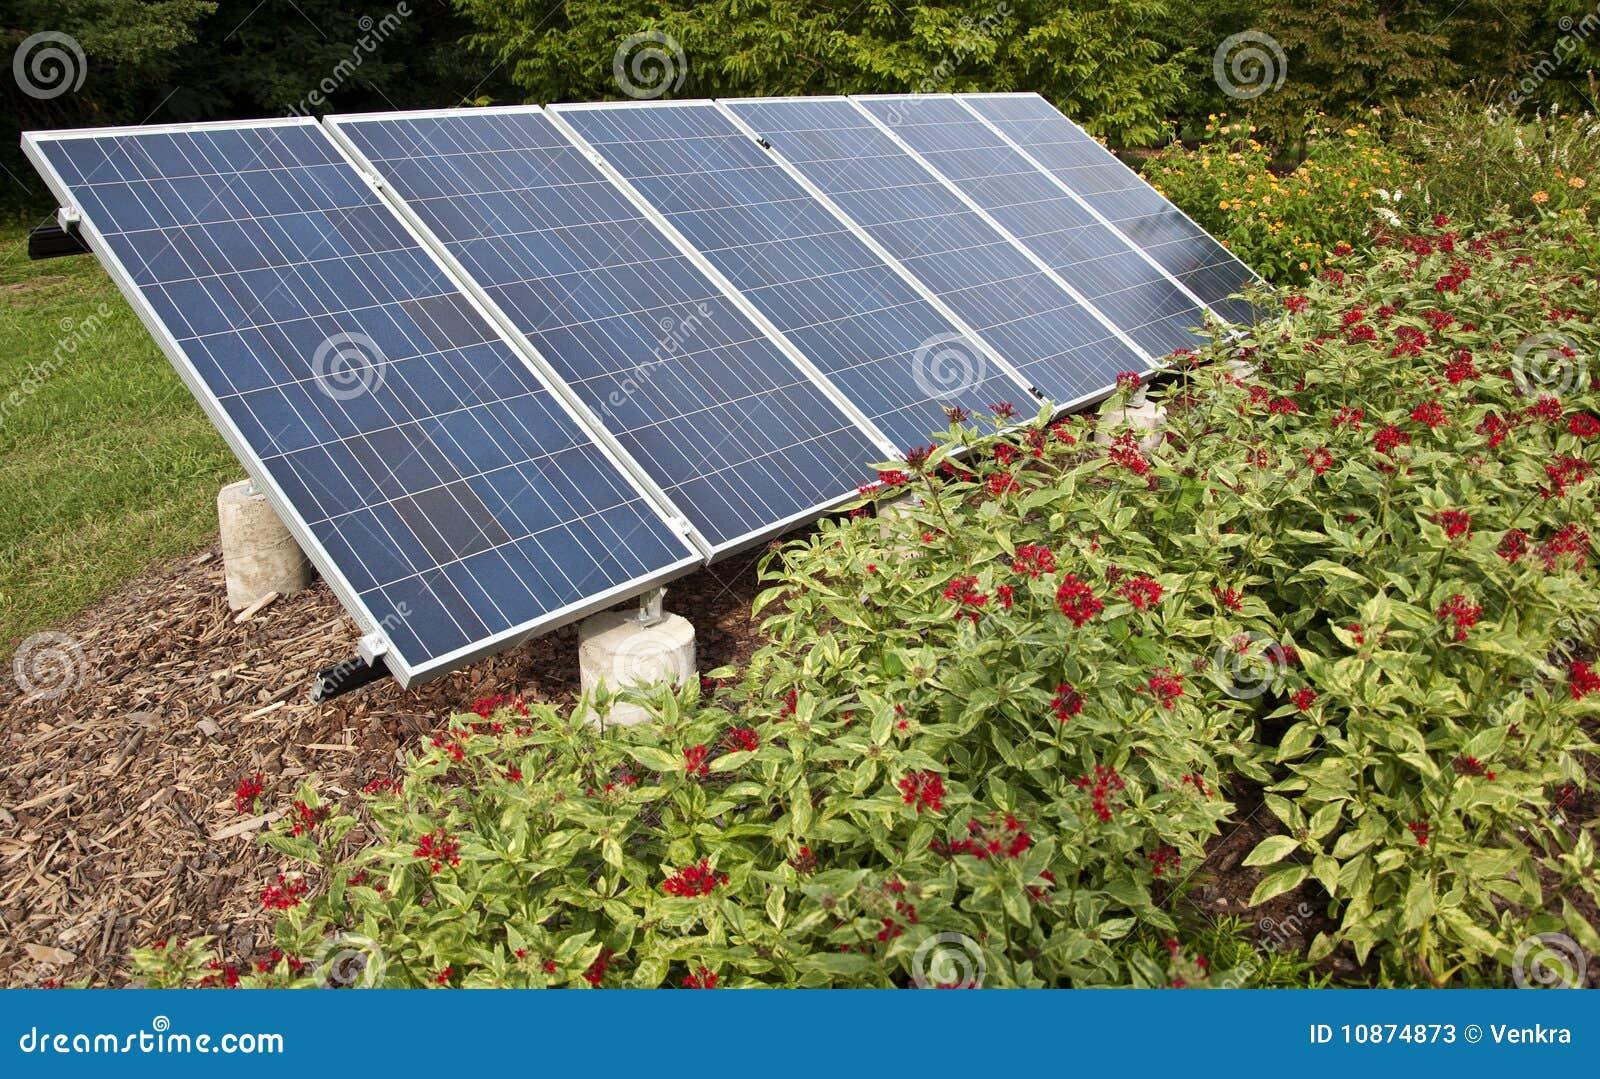 solar panel in a garden stock photos image 10874873